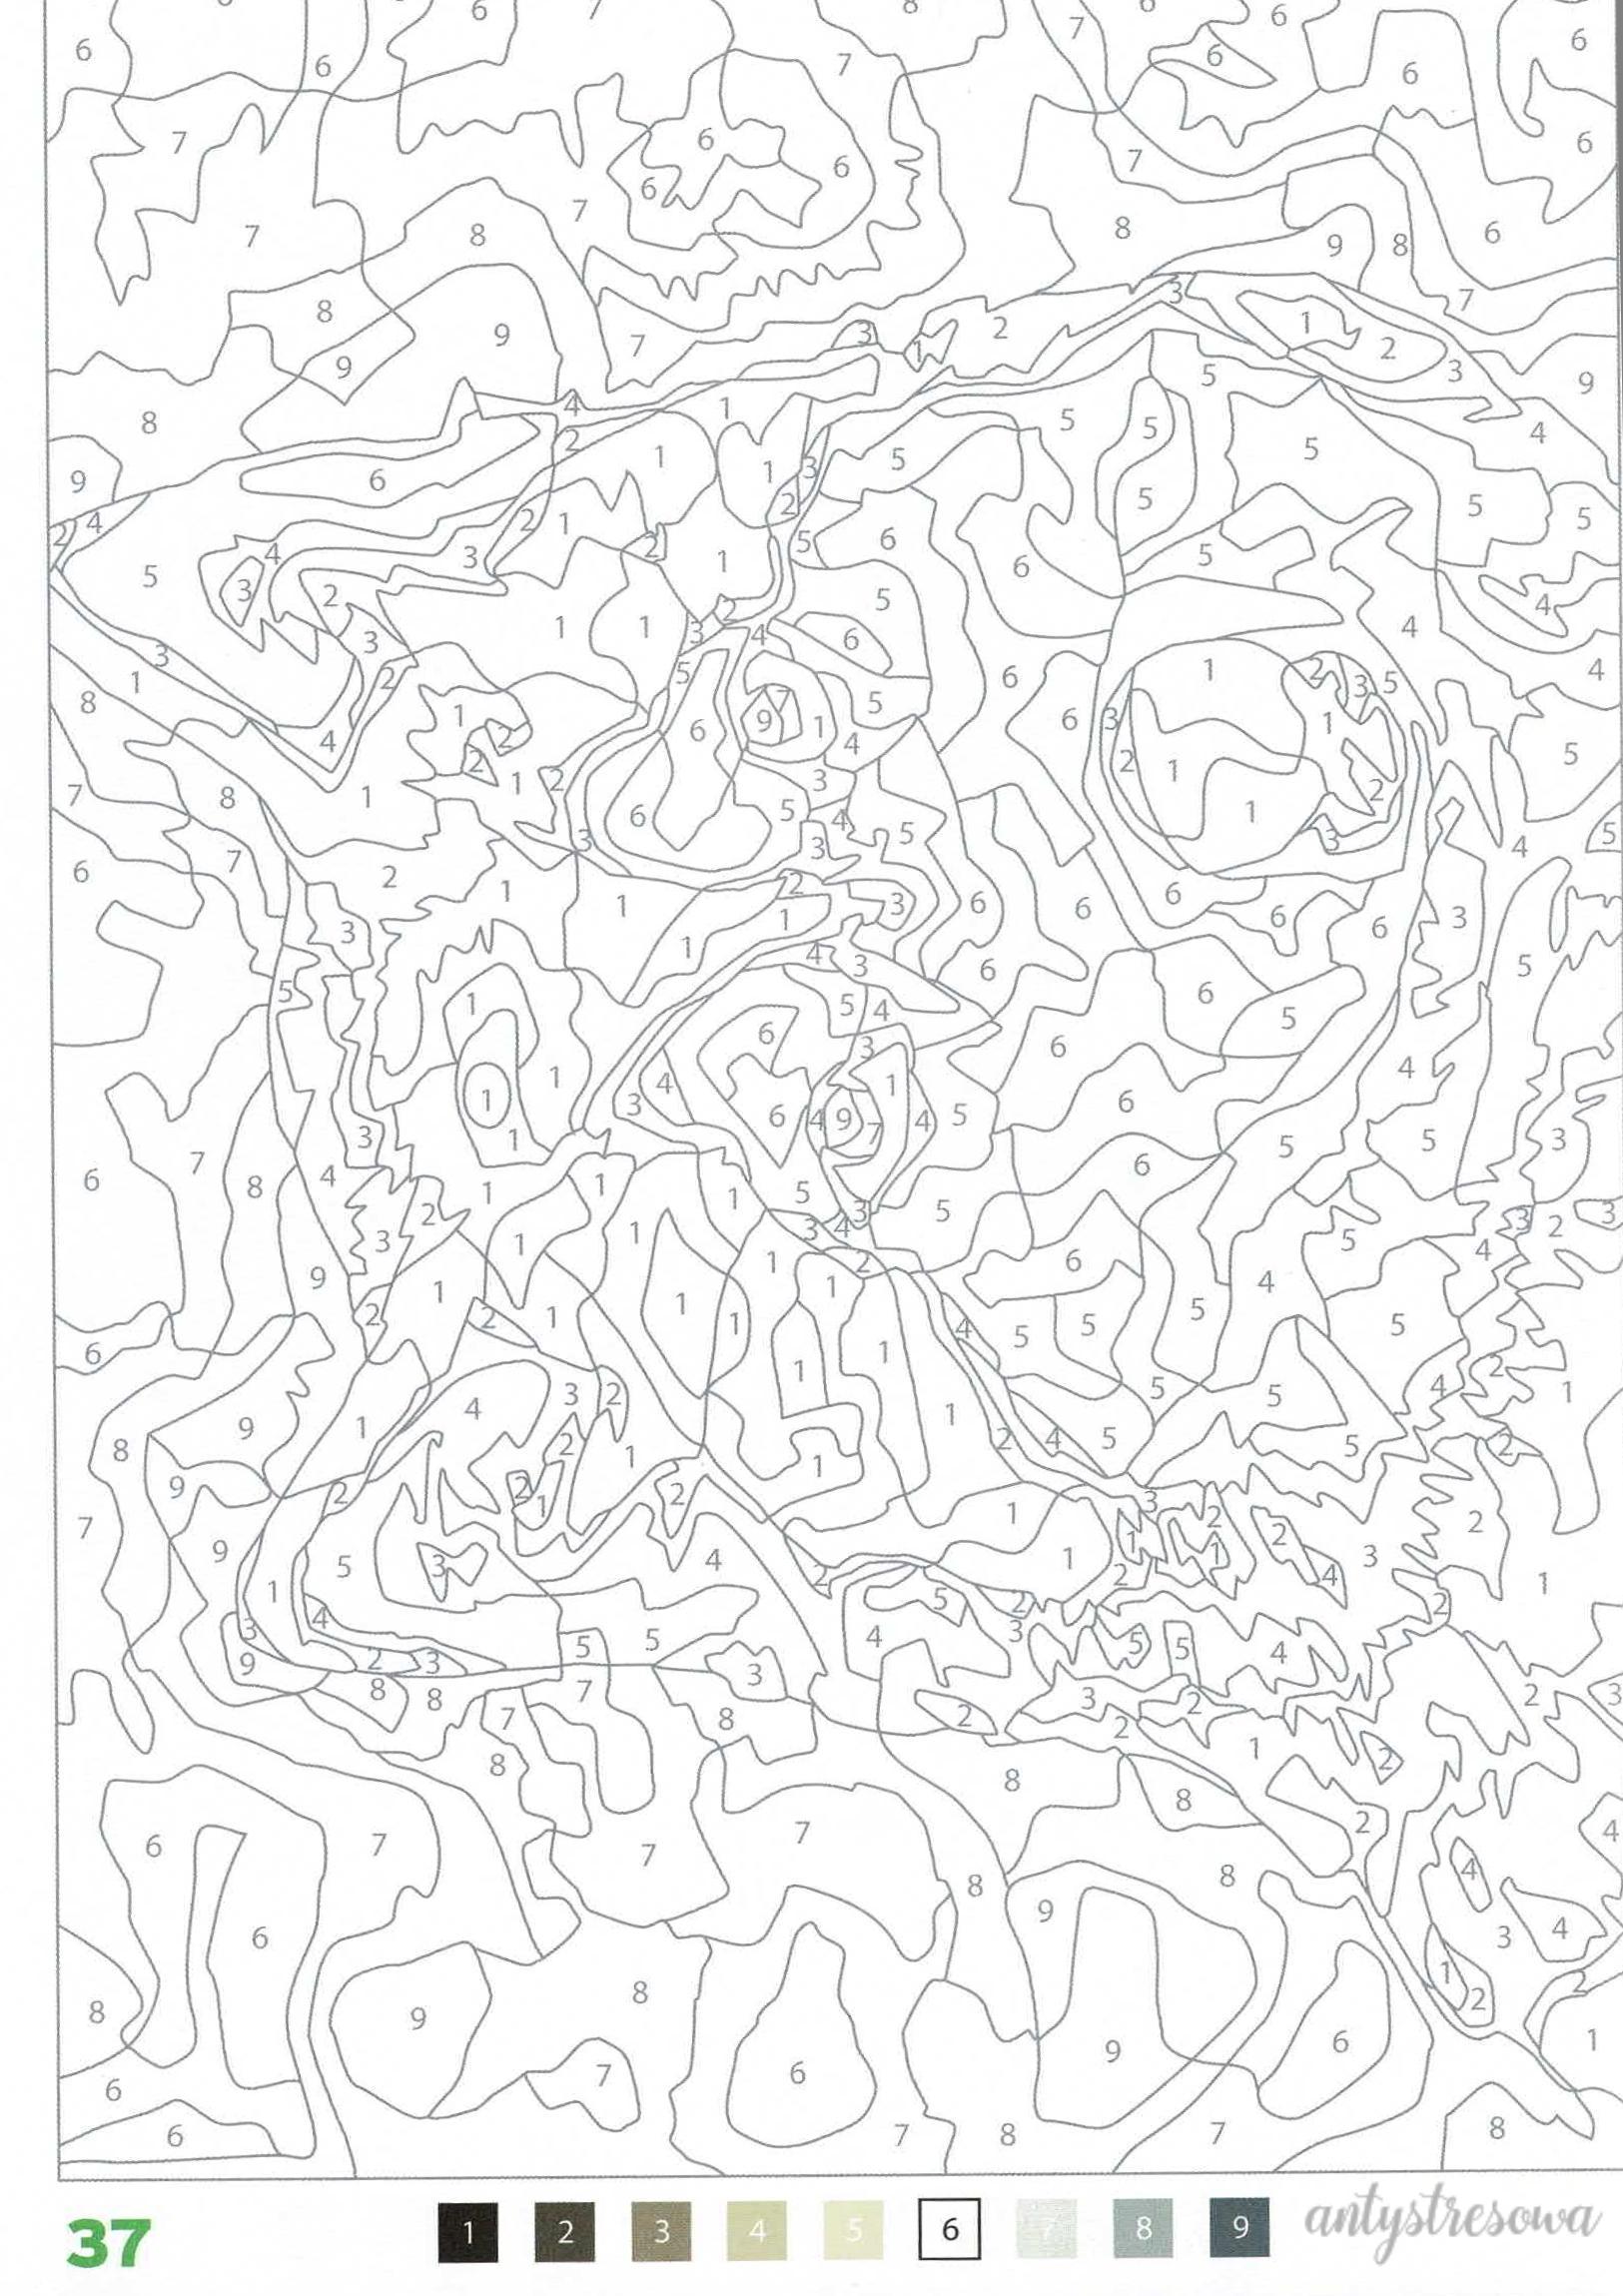 100 Coloriages mystéres - Jérémy Mariez, strona 27